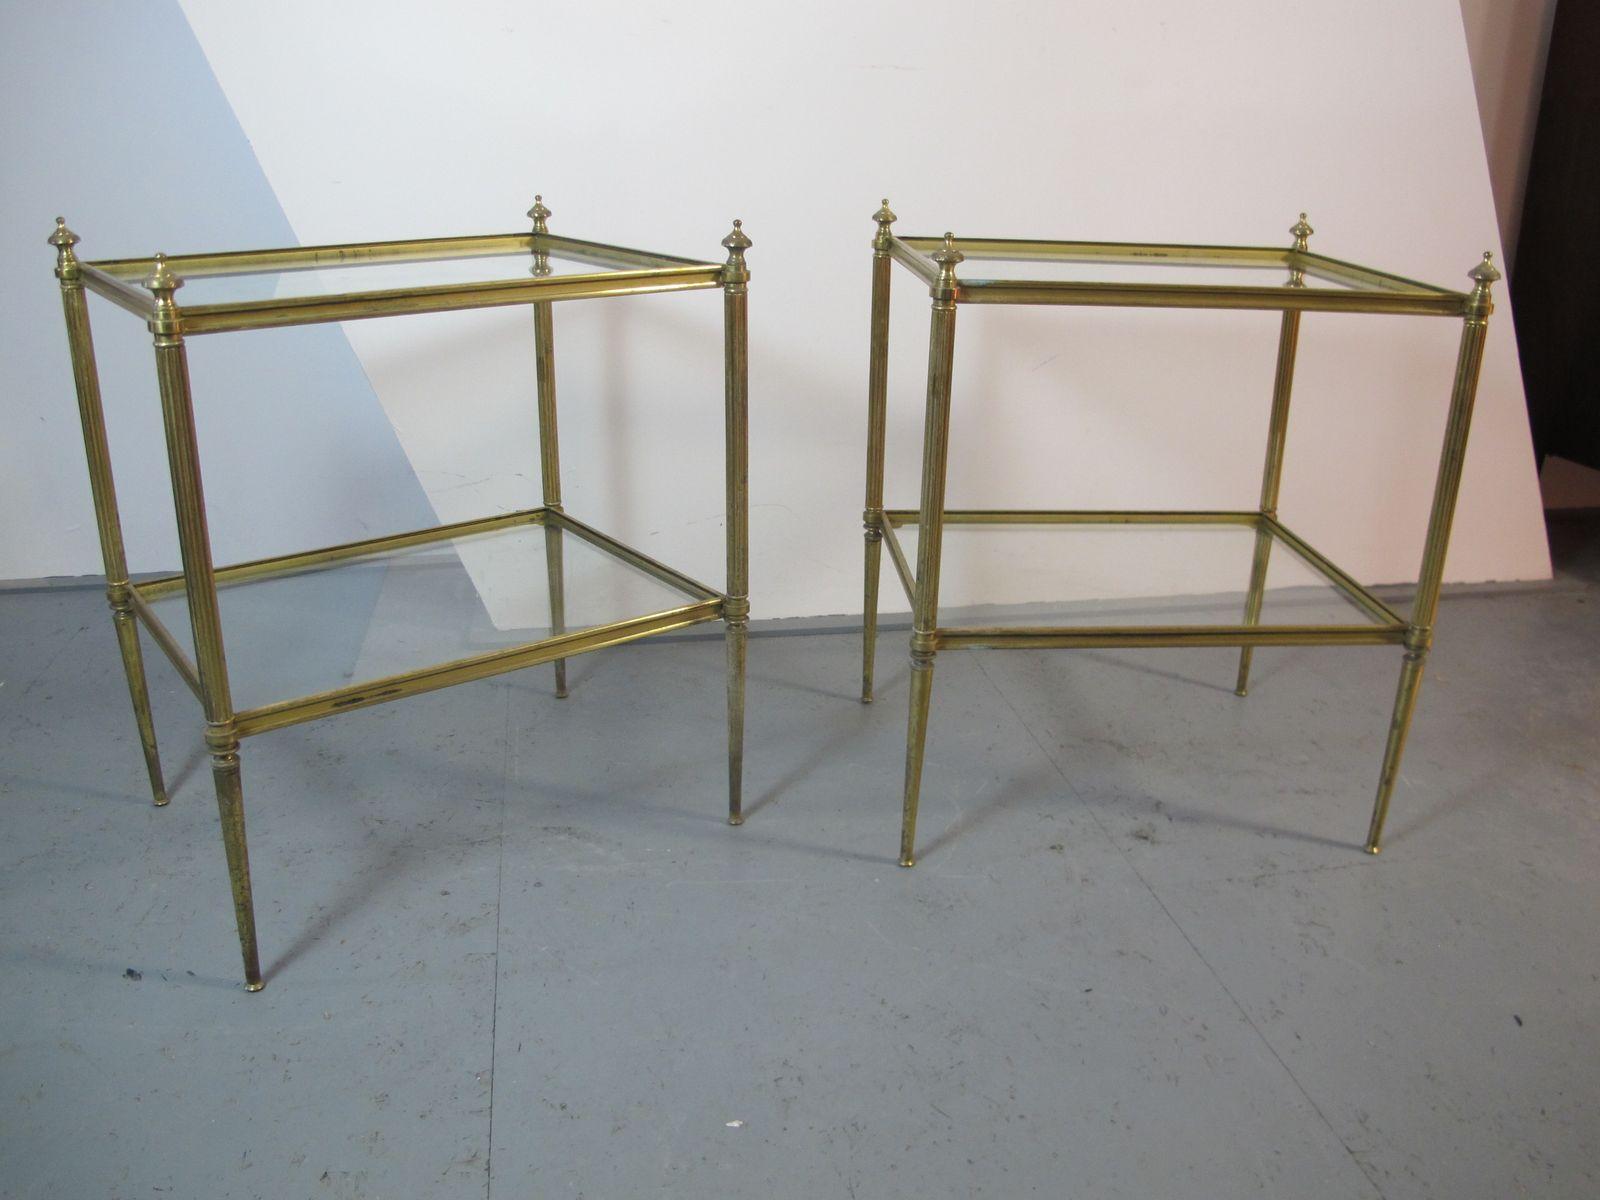 beistelltisch aus messing glas im hollywood regency stil von maison jansen bei pamono kaufen. Black Bedroom Furniture Sets. Home Design Ideas